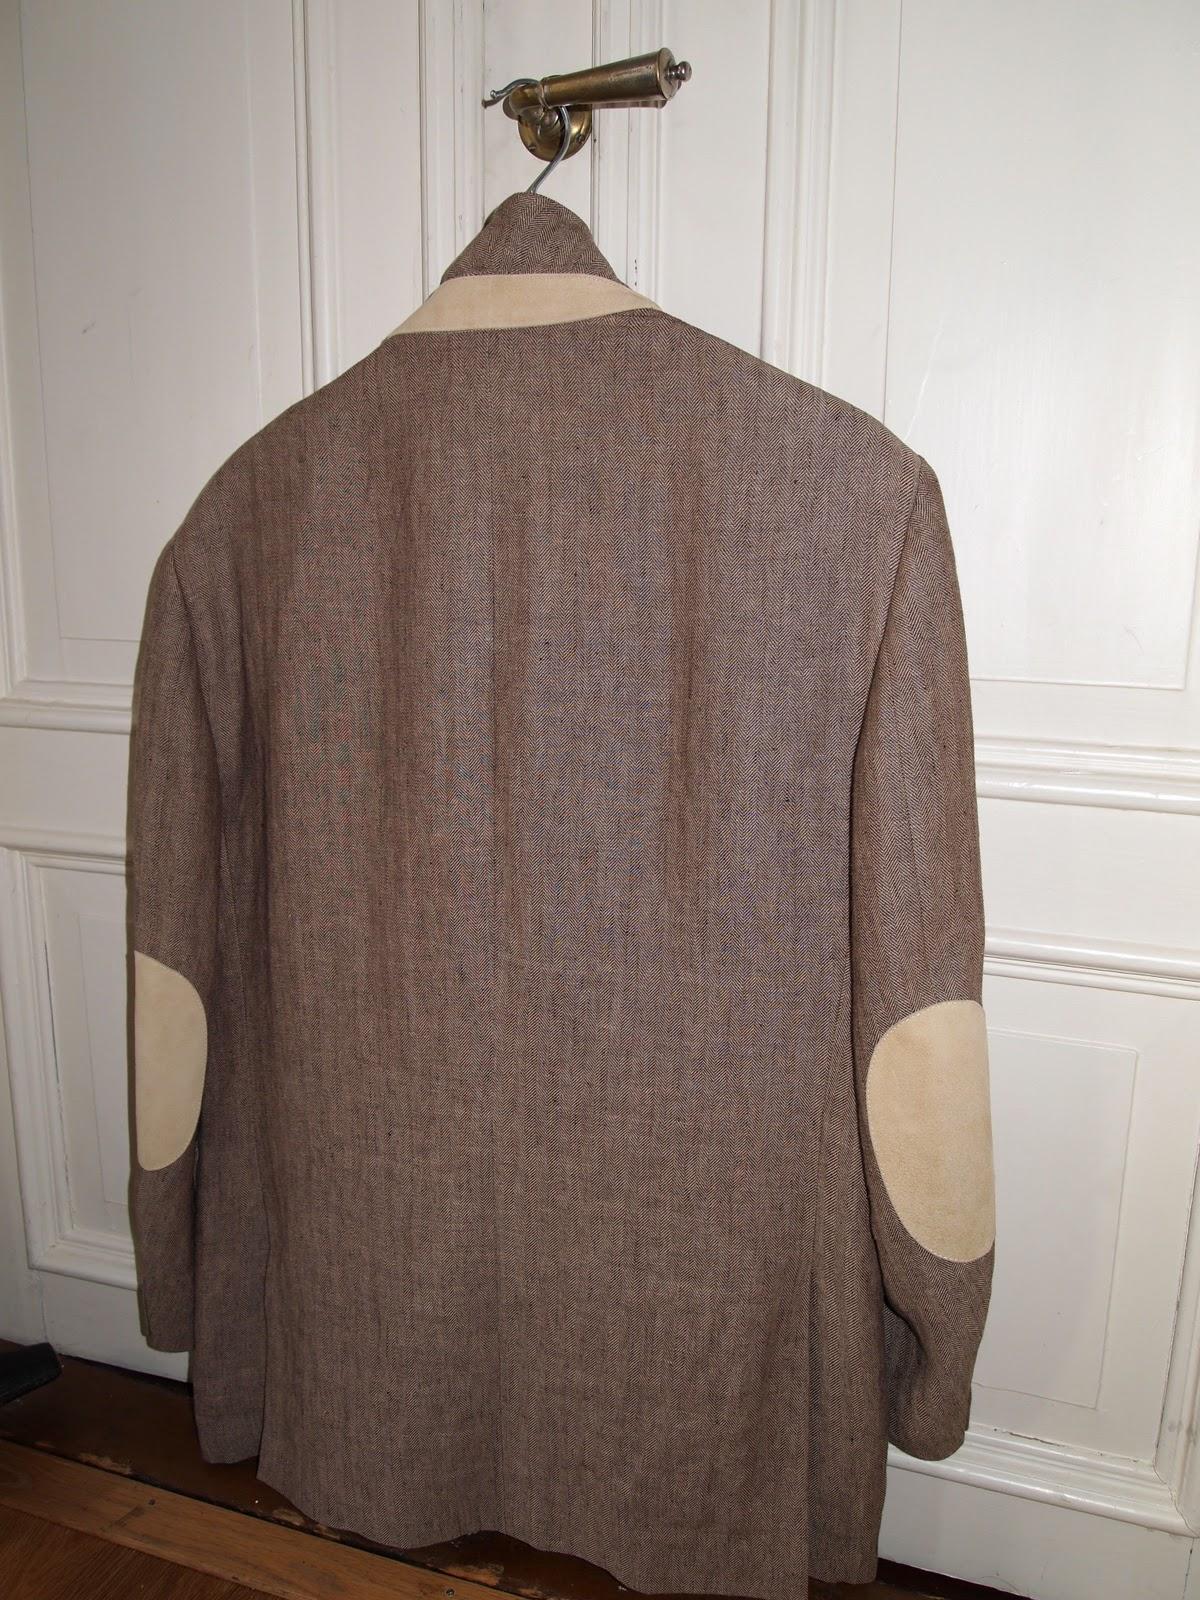 30cc4920 ... i detaljene, og sånn sett passer det jo bra at dette er en jakke i  Thomas Bernards ånd, og gjenfunnet i minnet til den norske poeten Claes  gill, ...